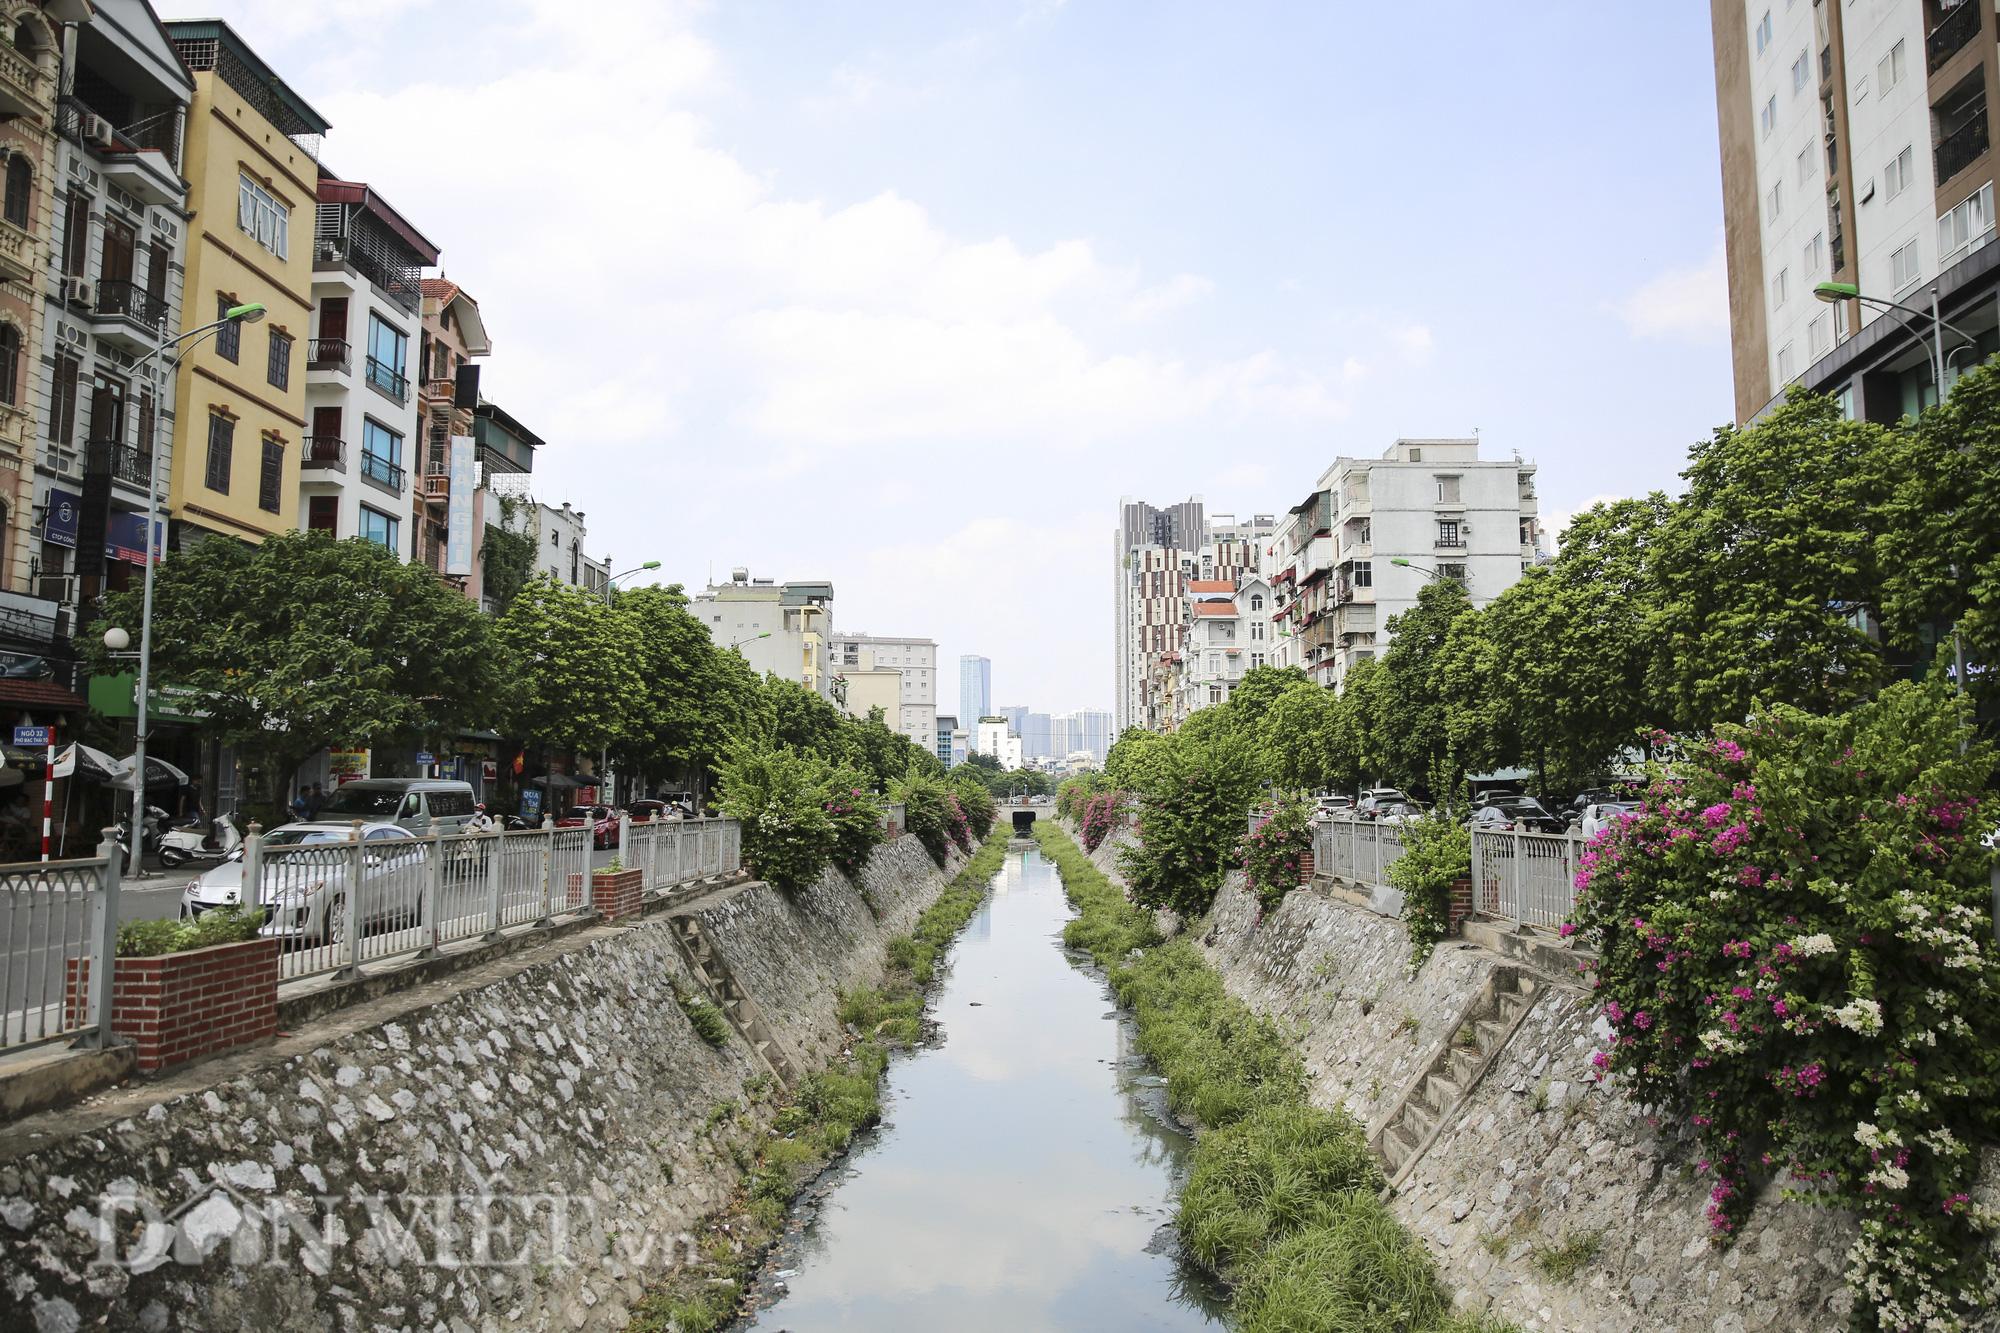 """Hệ thống cây xanh đã giúp Hà Nội giảm """"hiệu ứng đảo nhiệt đô thị"""" như thế nào? - Ảnh 1."""